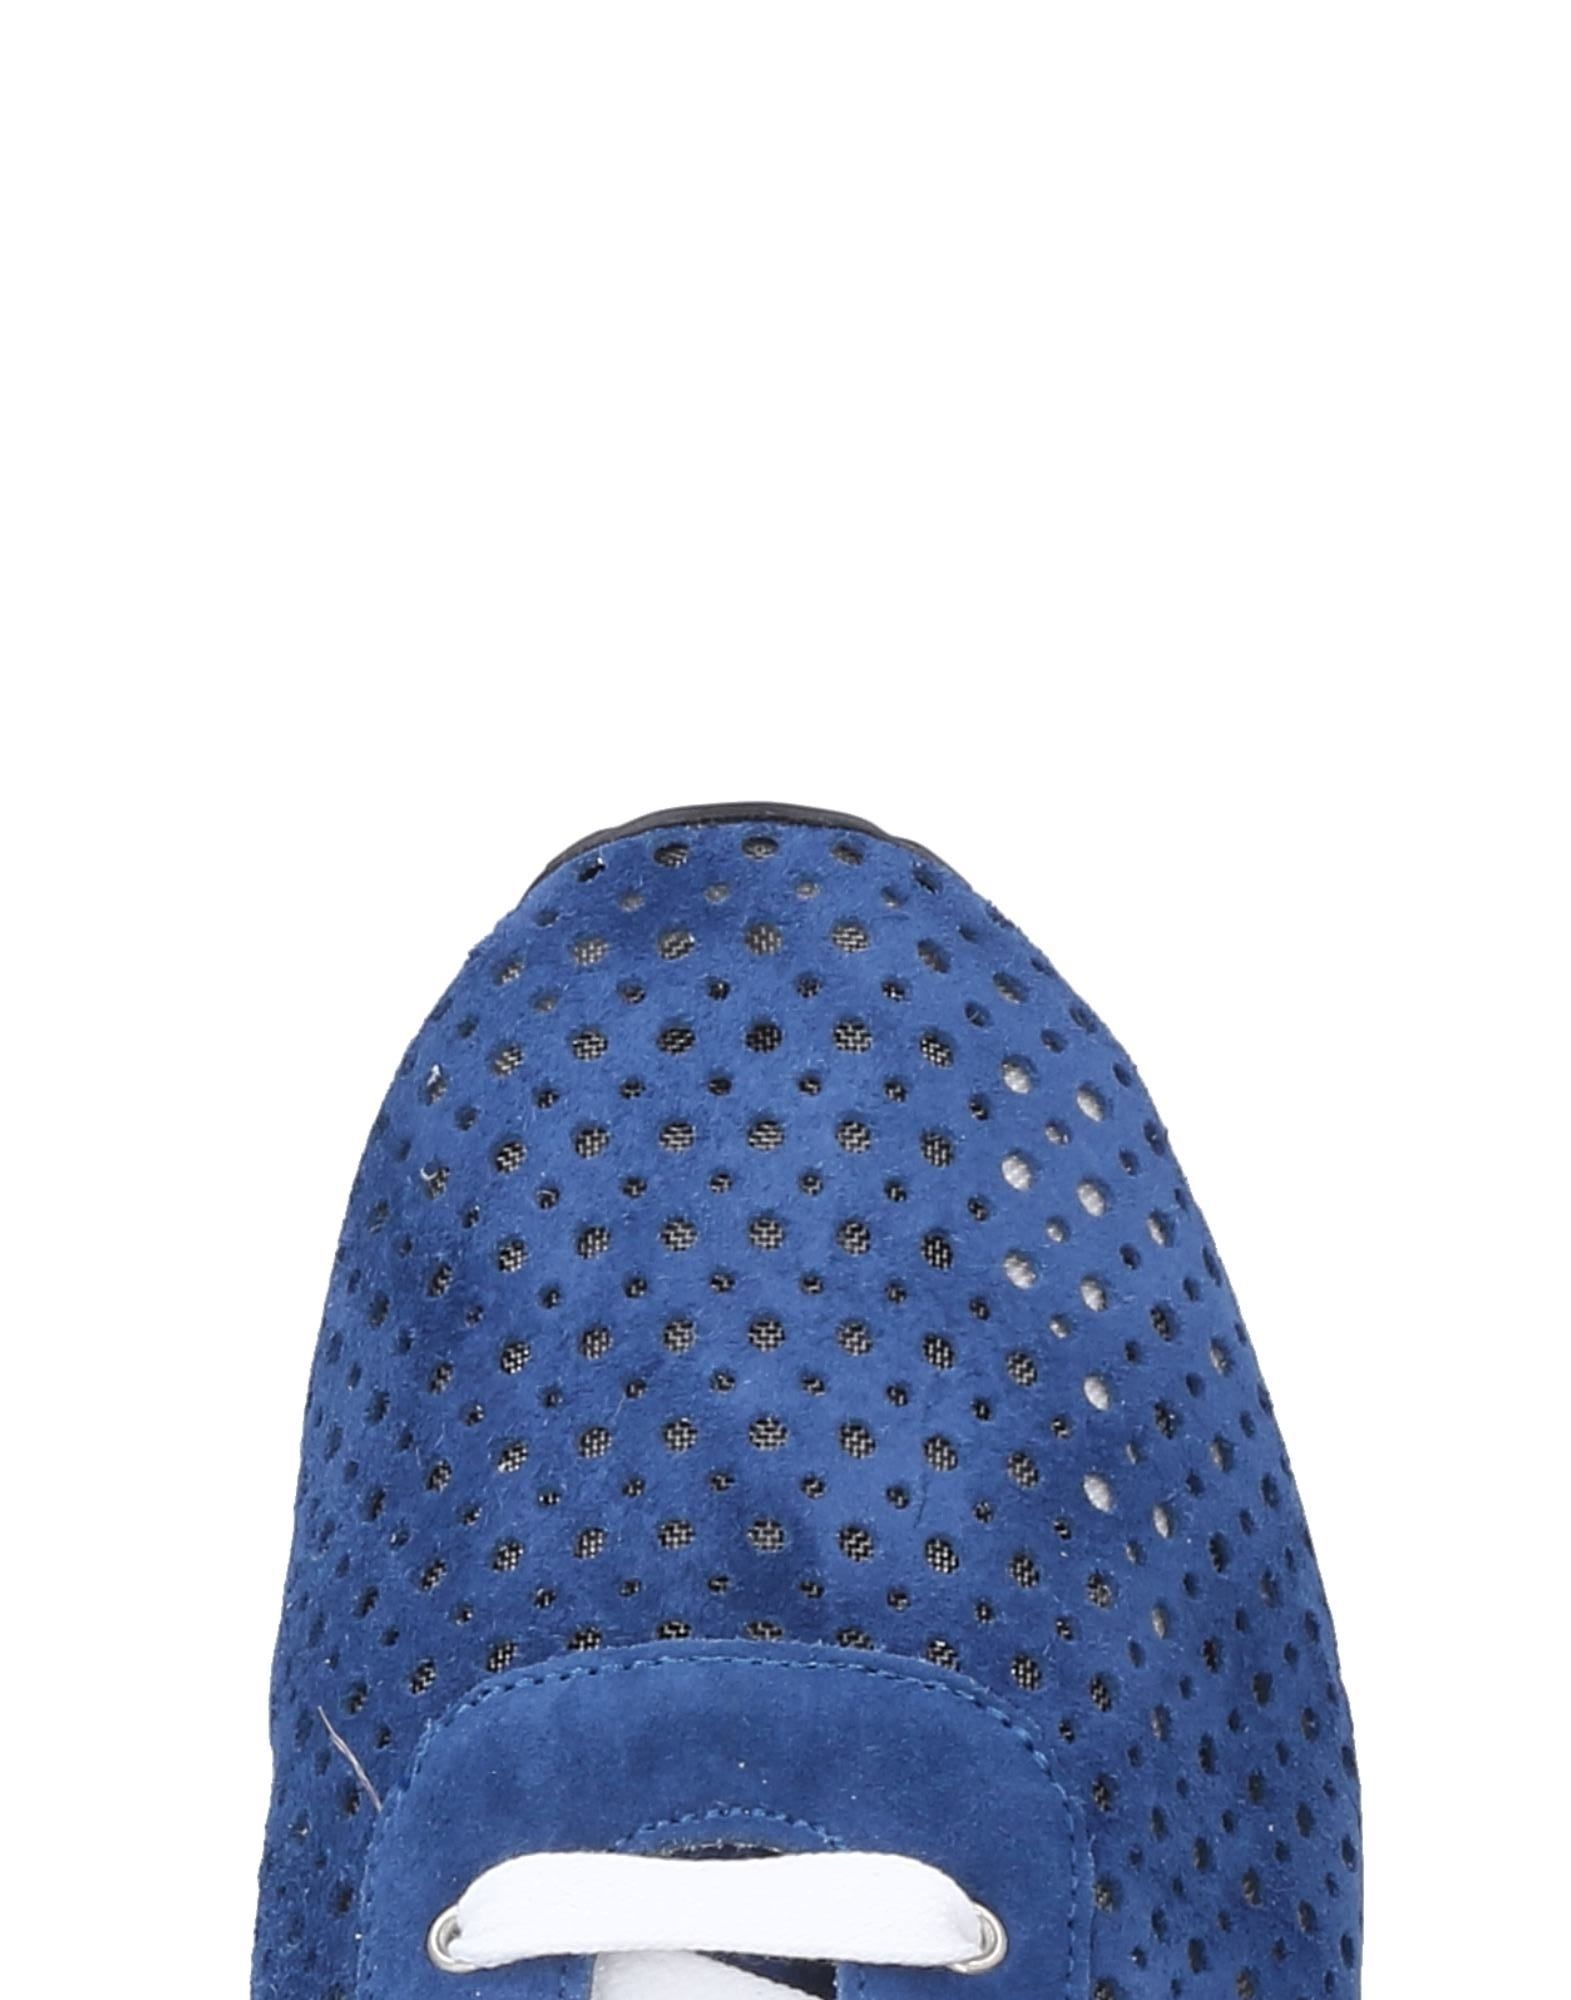 Rabatt Schuhe Casadei Sneakers  Damen  Sneakers 11201598IW c21ad8